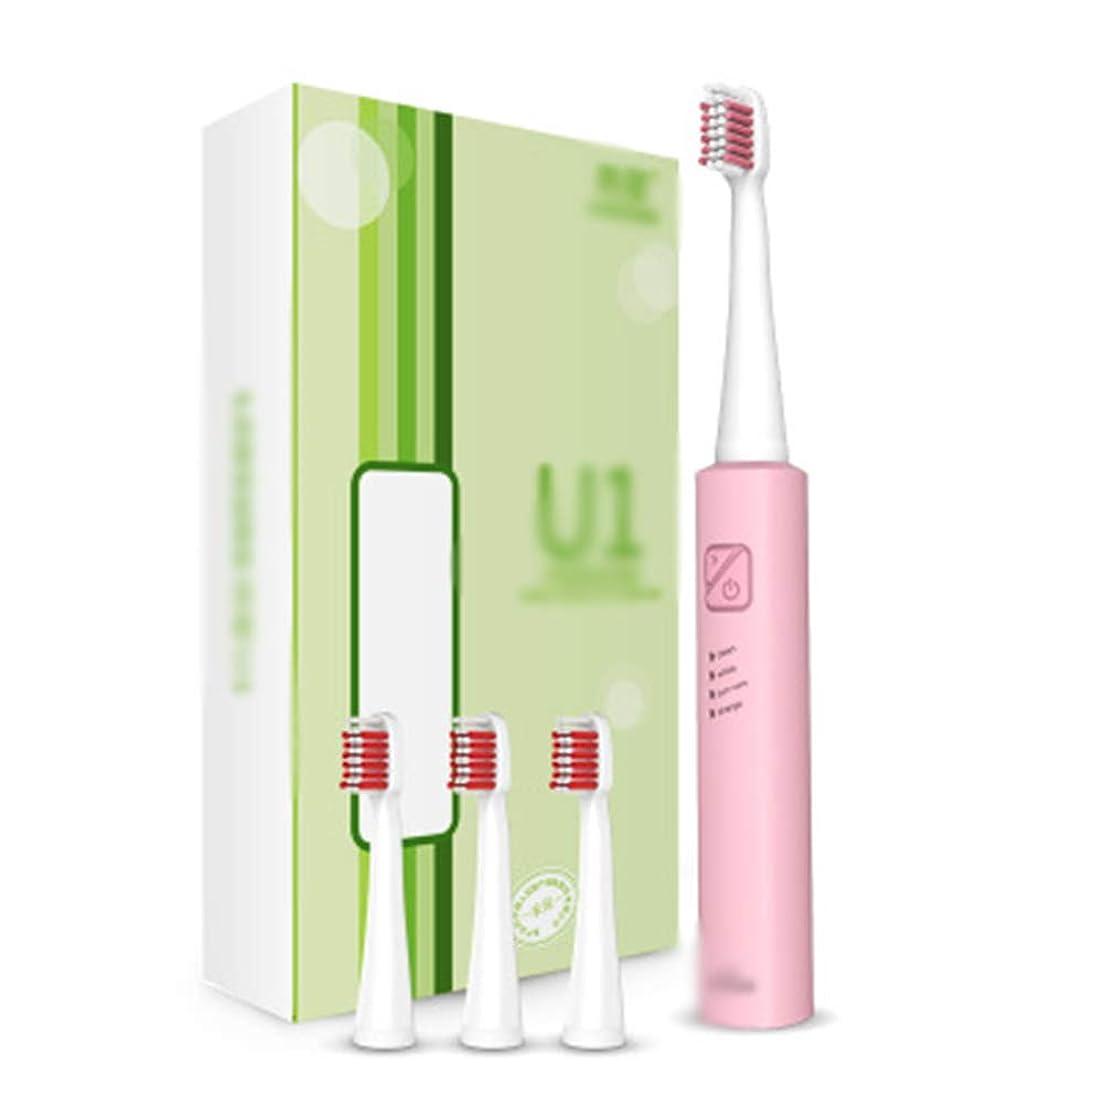 時折偽物あなたのものUSB充電式ソニック電動歯ブラシ、31000回/分振動周波数、防水IPX7フルボディ,C